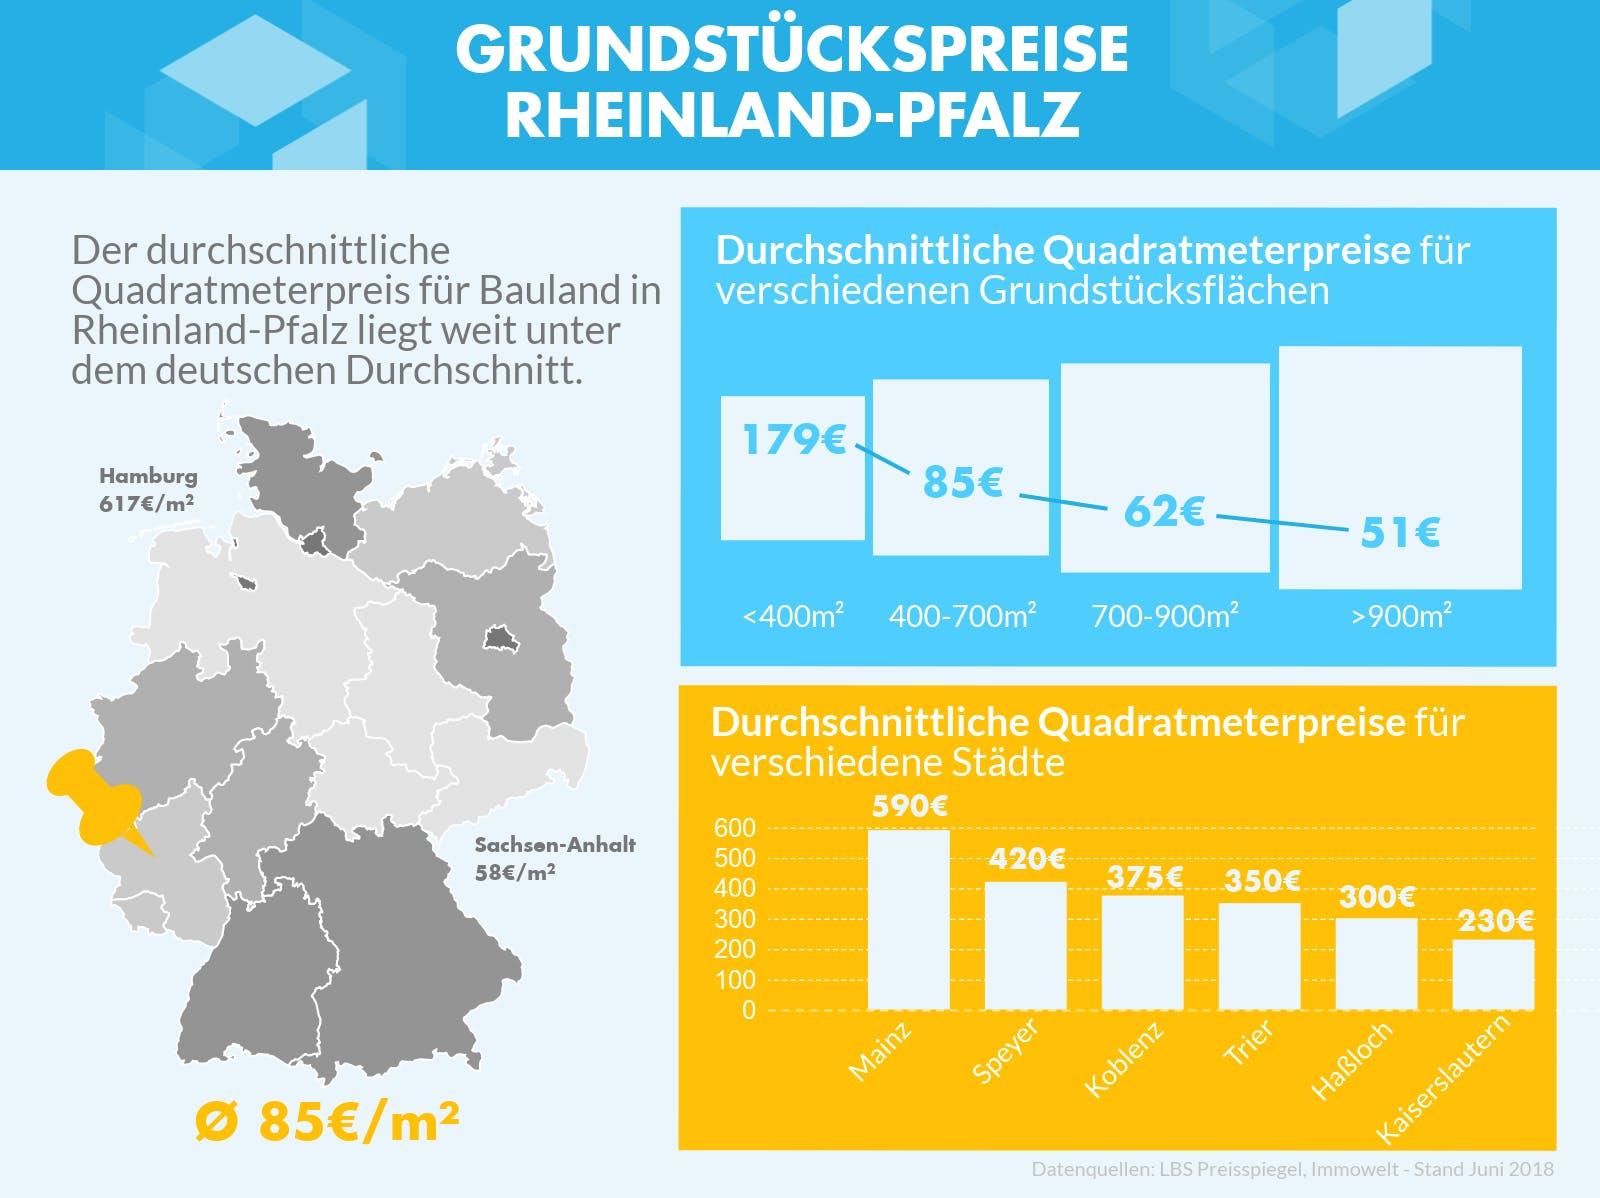 Infografik mit den Grundstückspreisen für Rheinland-Pfalz